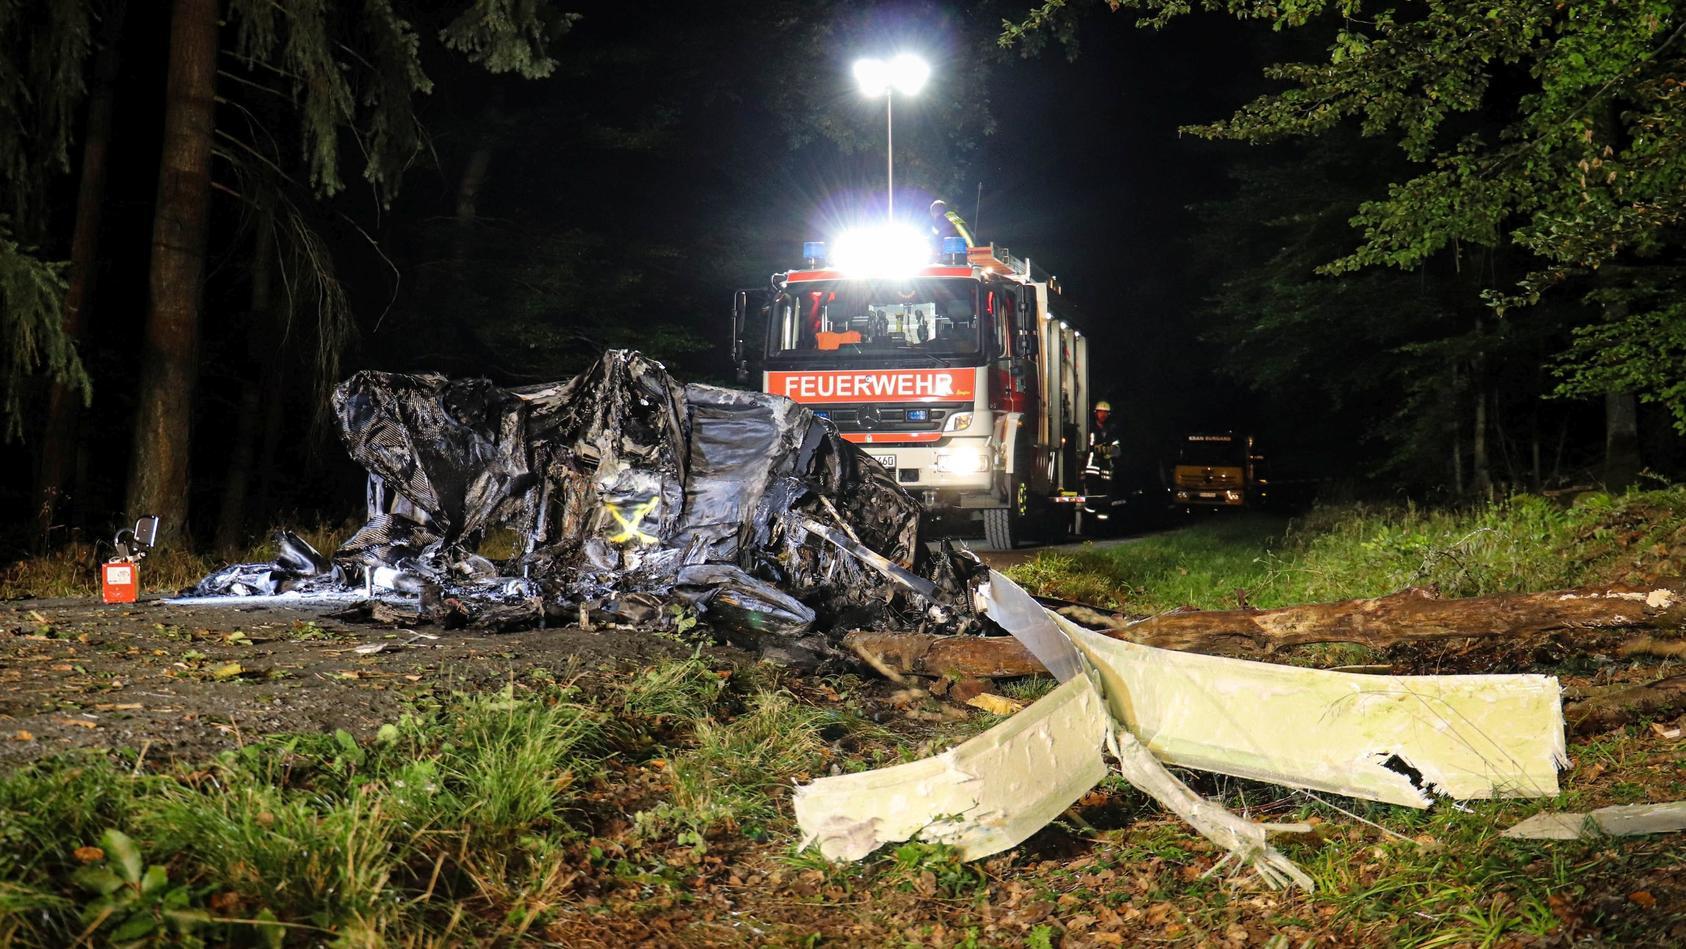 Die Unfallstelle befand sich mitten in einem Wald.